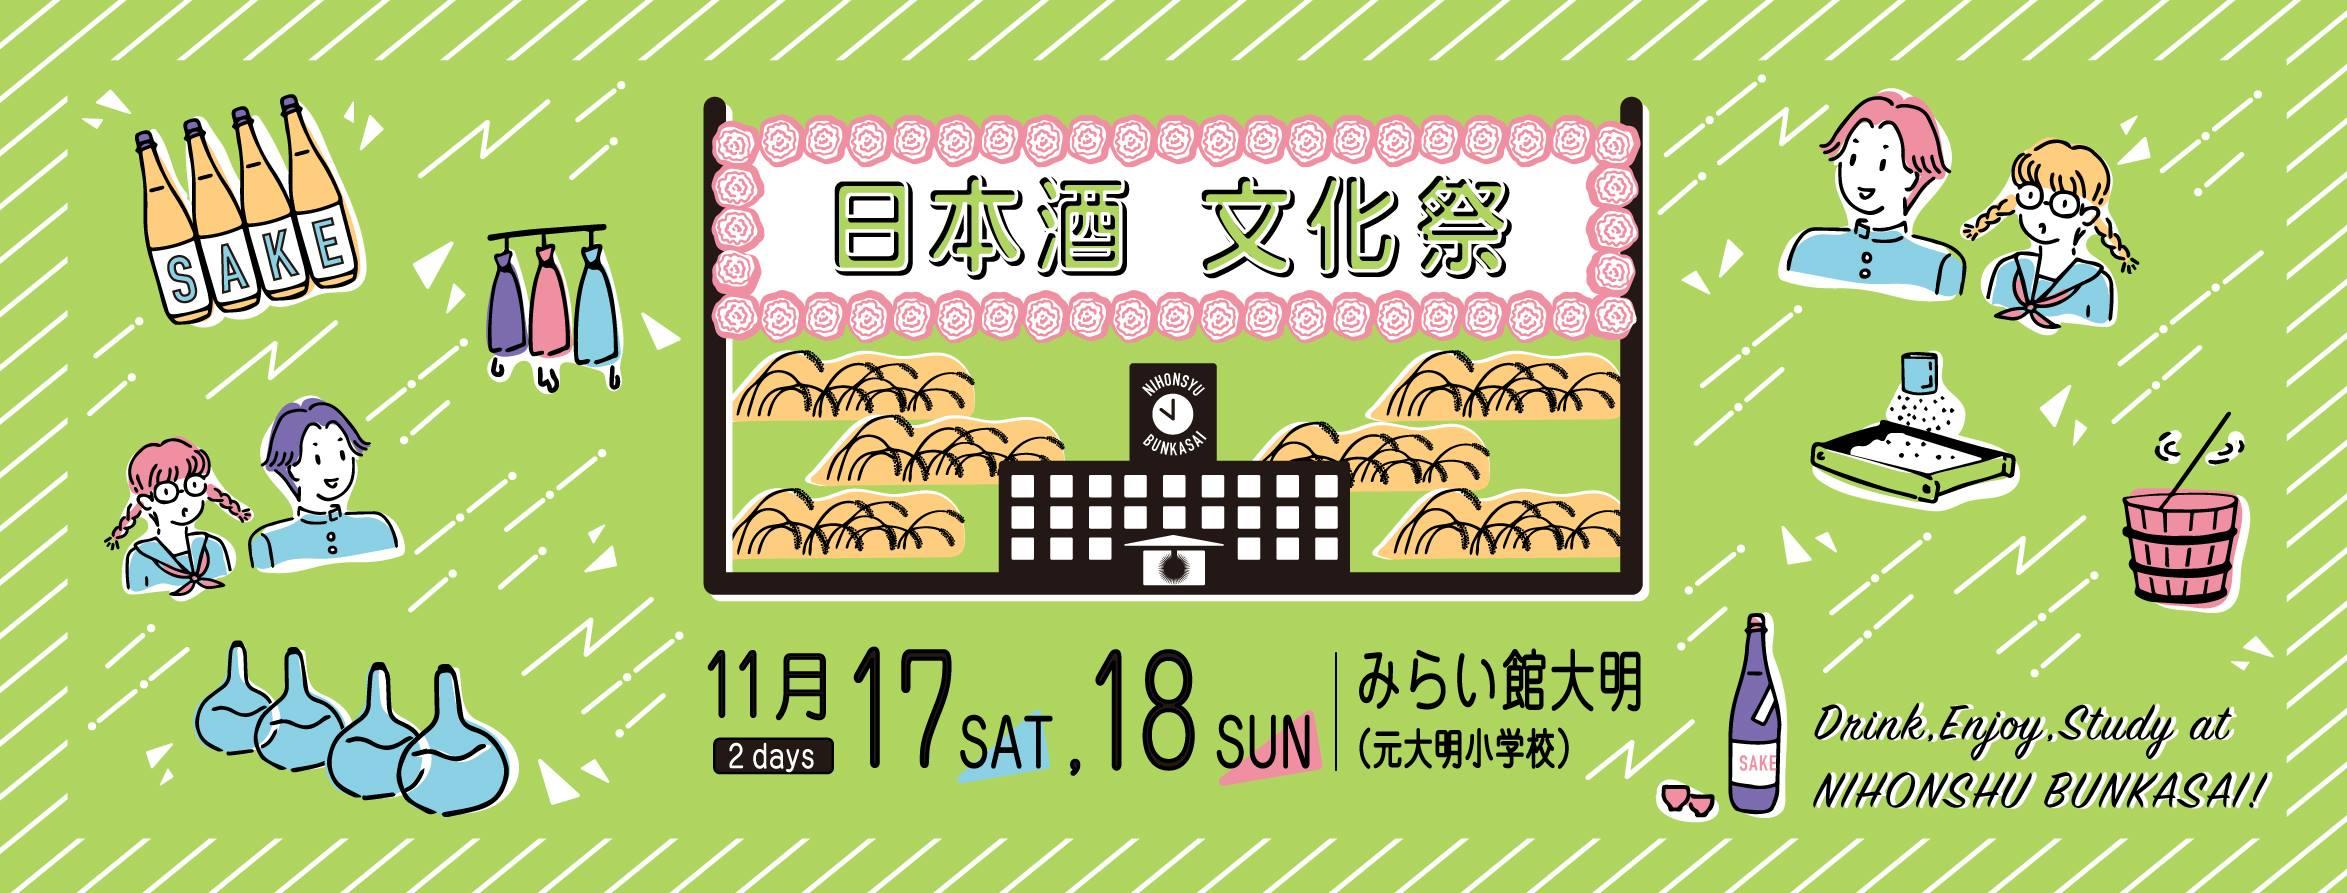 【イベント出店】日本酒を飲みながら、学び、遊び、伝え、楽しむイベント「日本酒文化祭!」